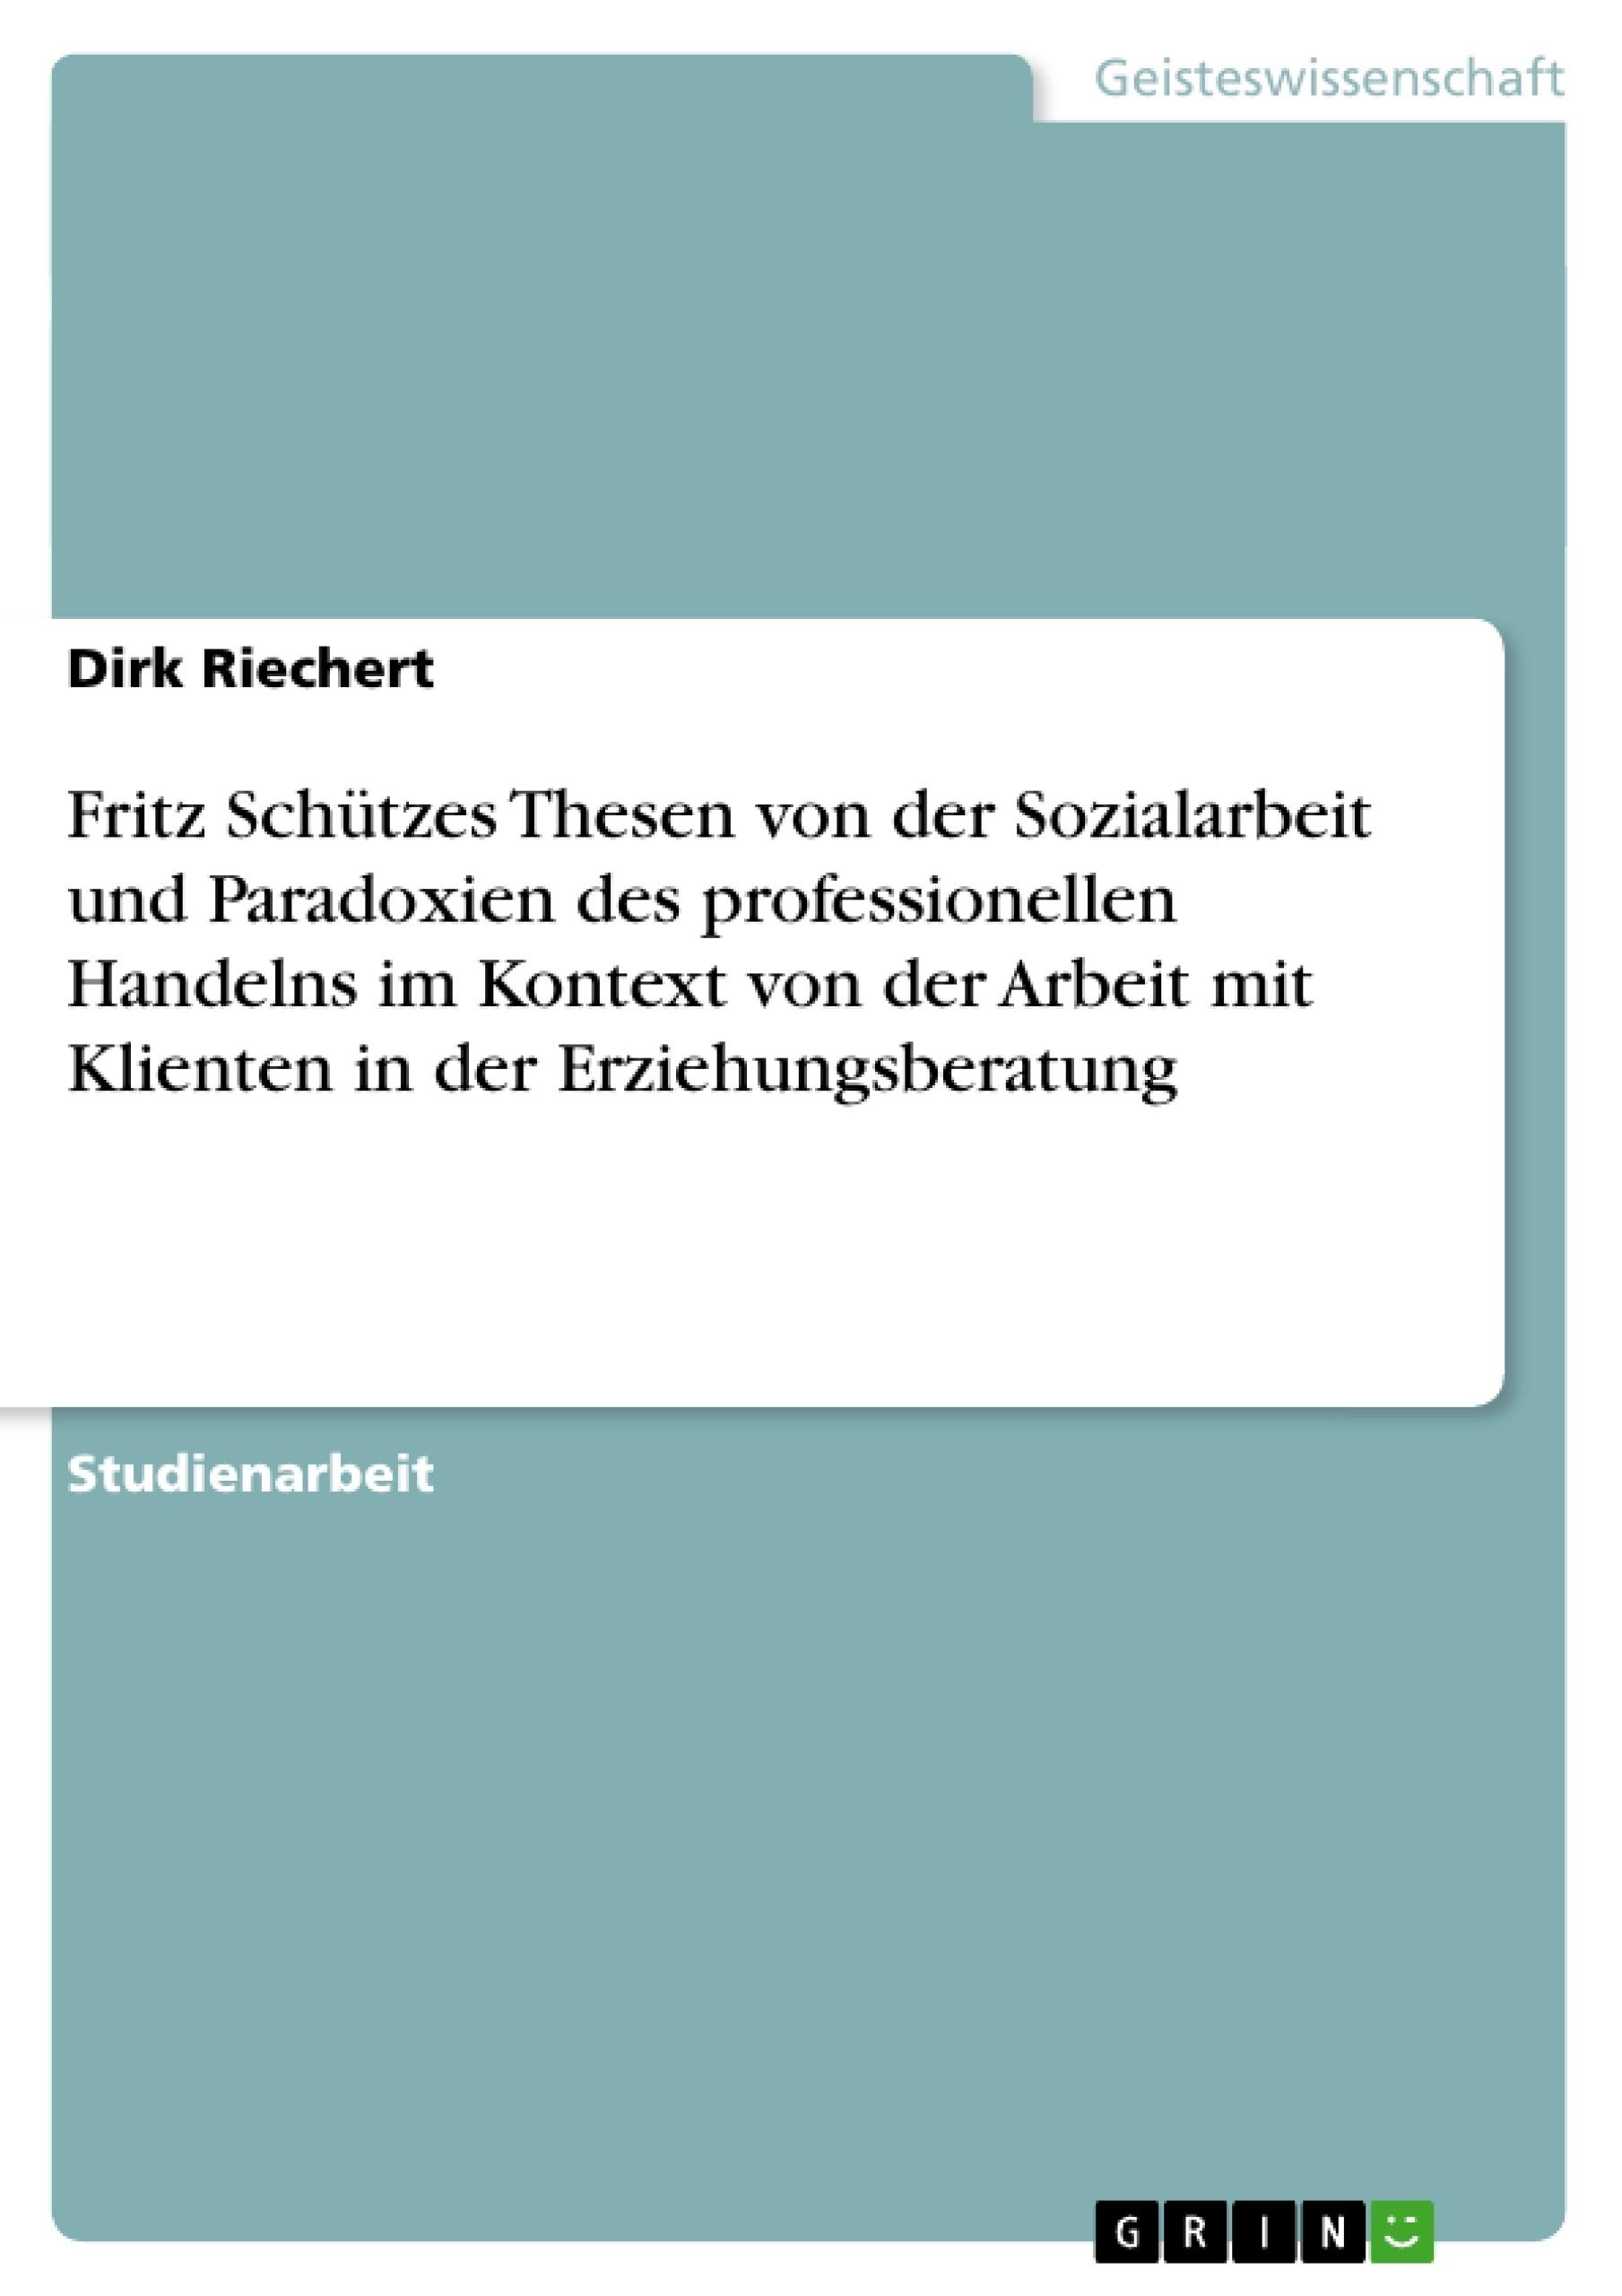 Titel: Fritz Schützes Thesen von der Sozialarbeit und Paradoxien des professionellen Handelns im Kontext von der Arbeit mit Klienten in der Erziehungsberatung